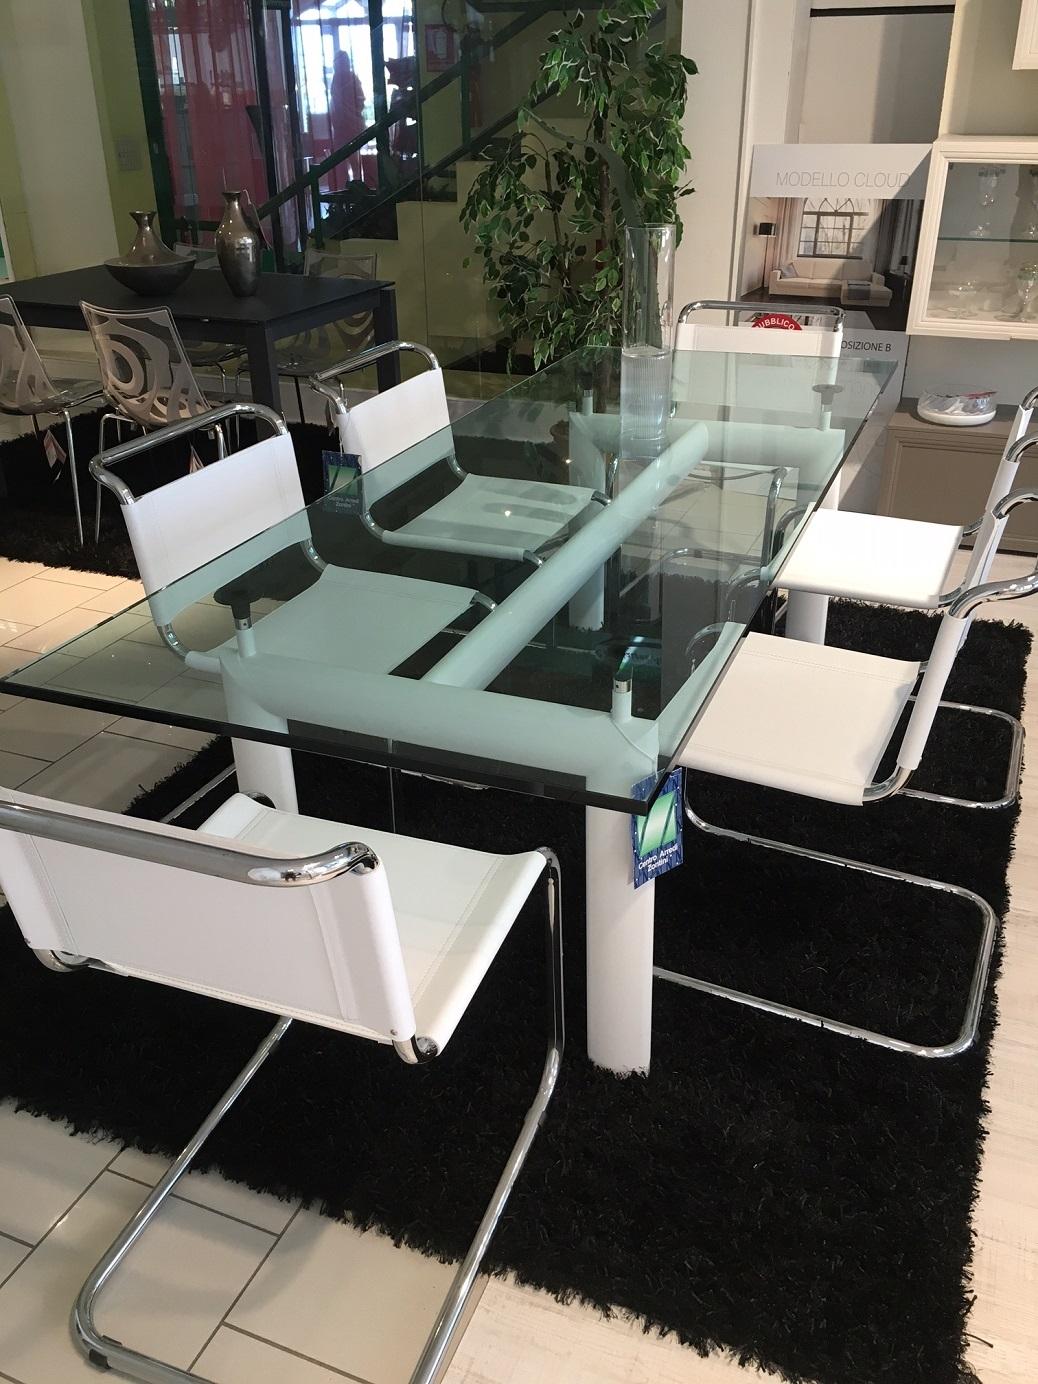 Cassina le corbusier tavolo cristallo e sedie jacobsen in - Le corbusier sedia ...